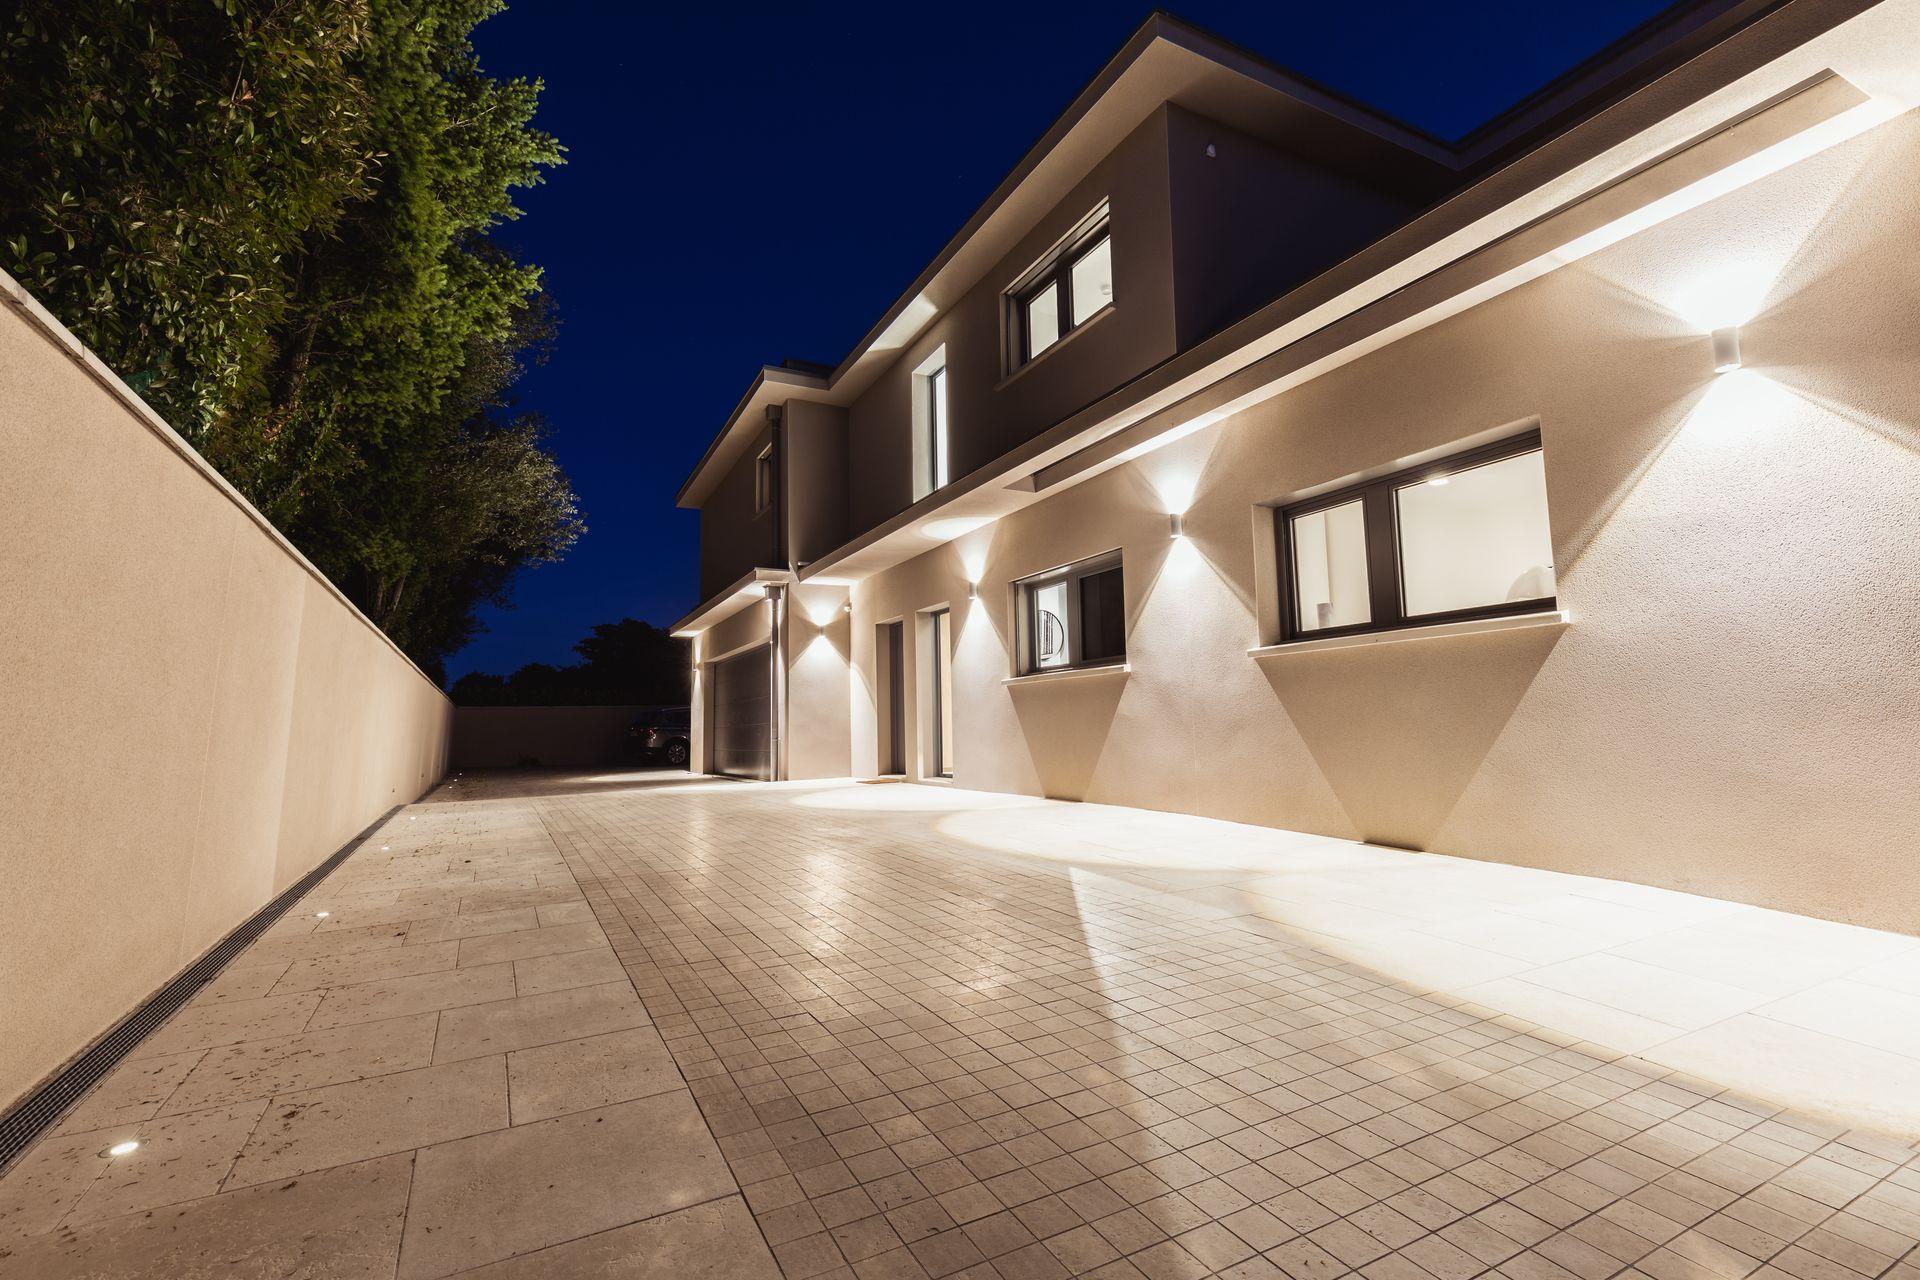 maisons-design-architectural-lyon